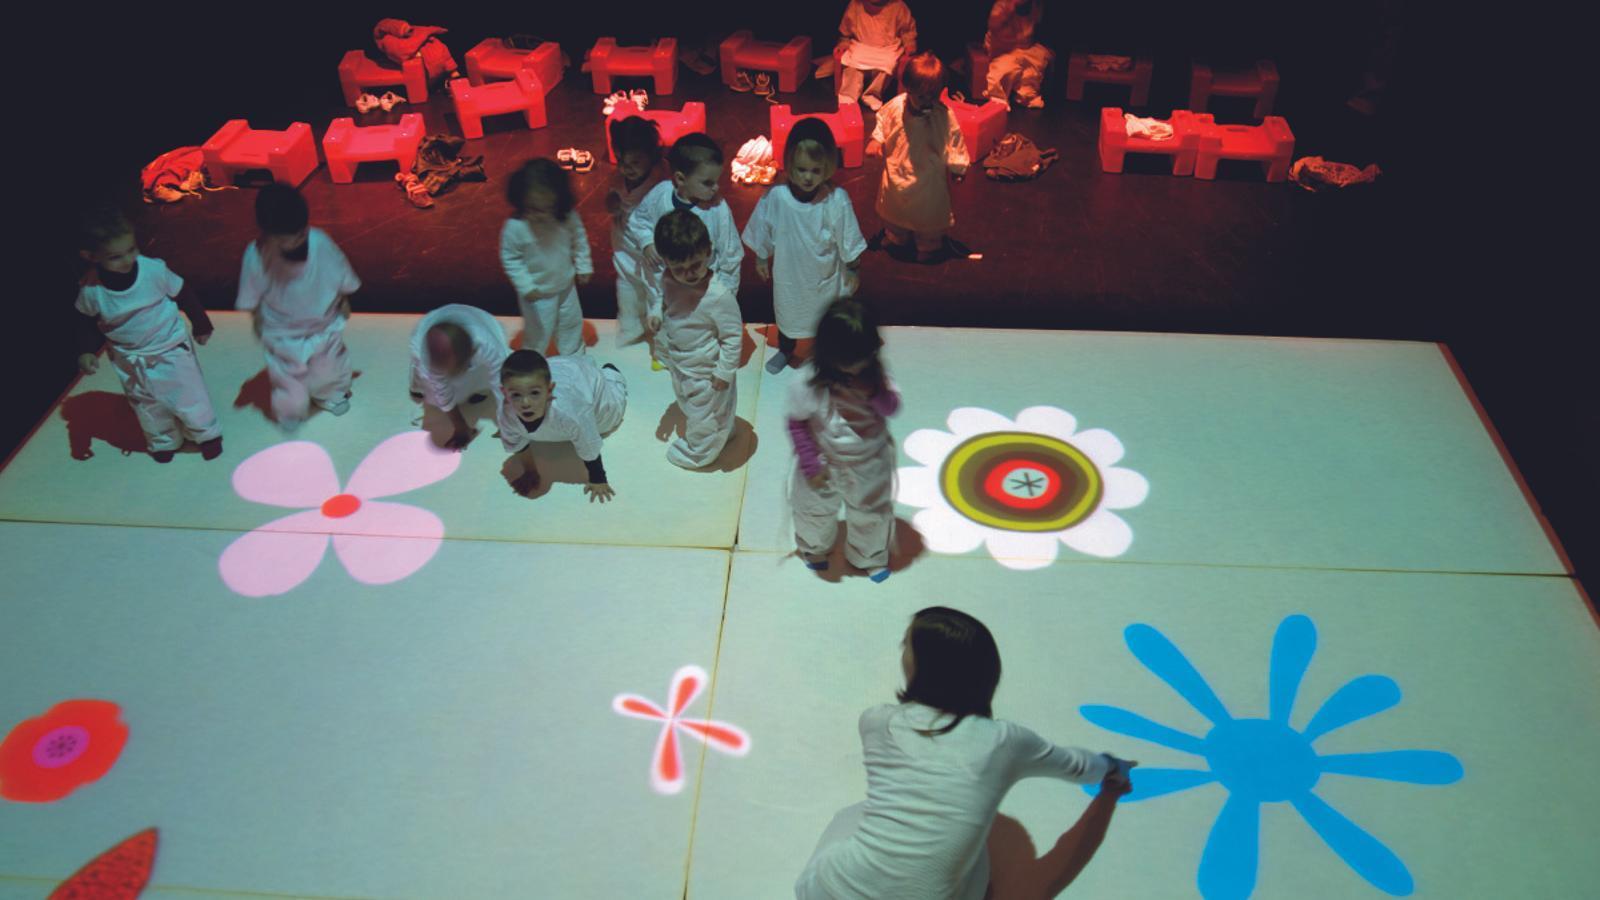 L'espectacle incita els infants a experimentar sensacions amb el fet escènic